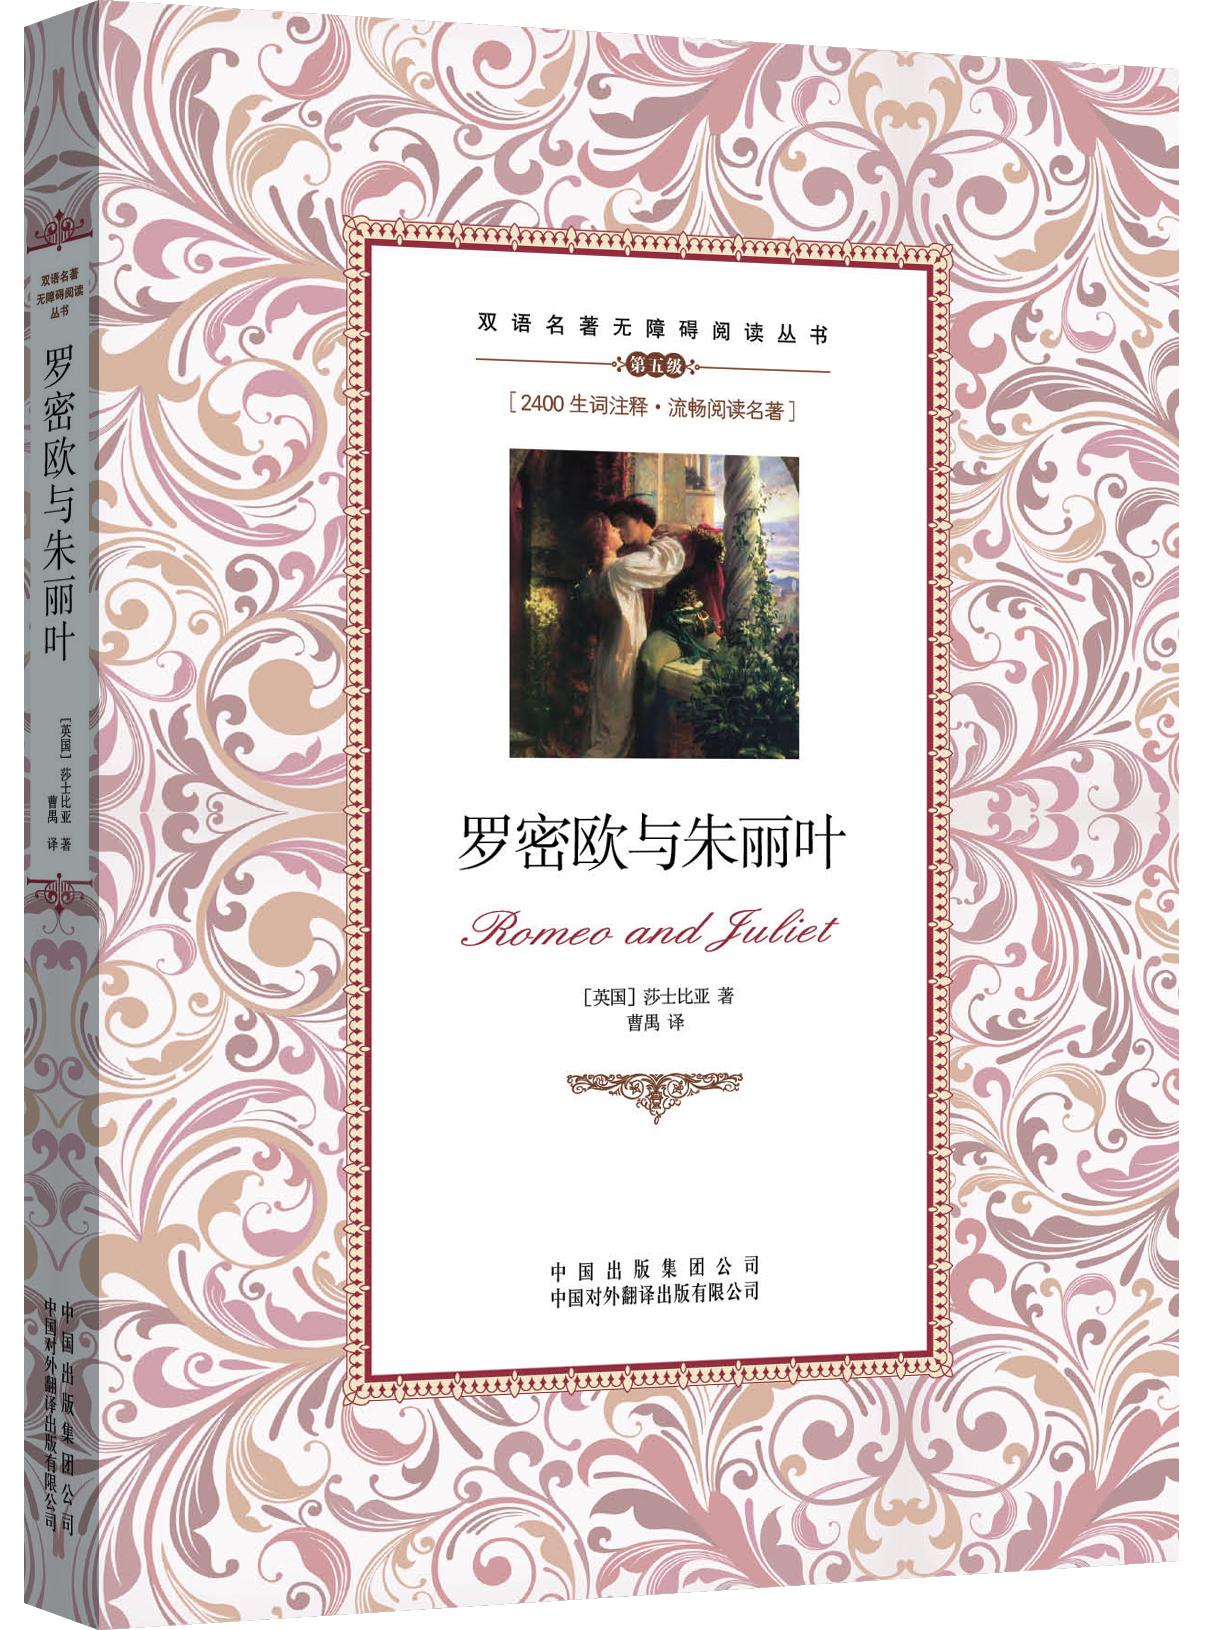 【四社联动】莎翁逝世四百周年暨世界读书日社团联合CT颁奖典礼